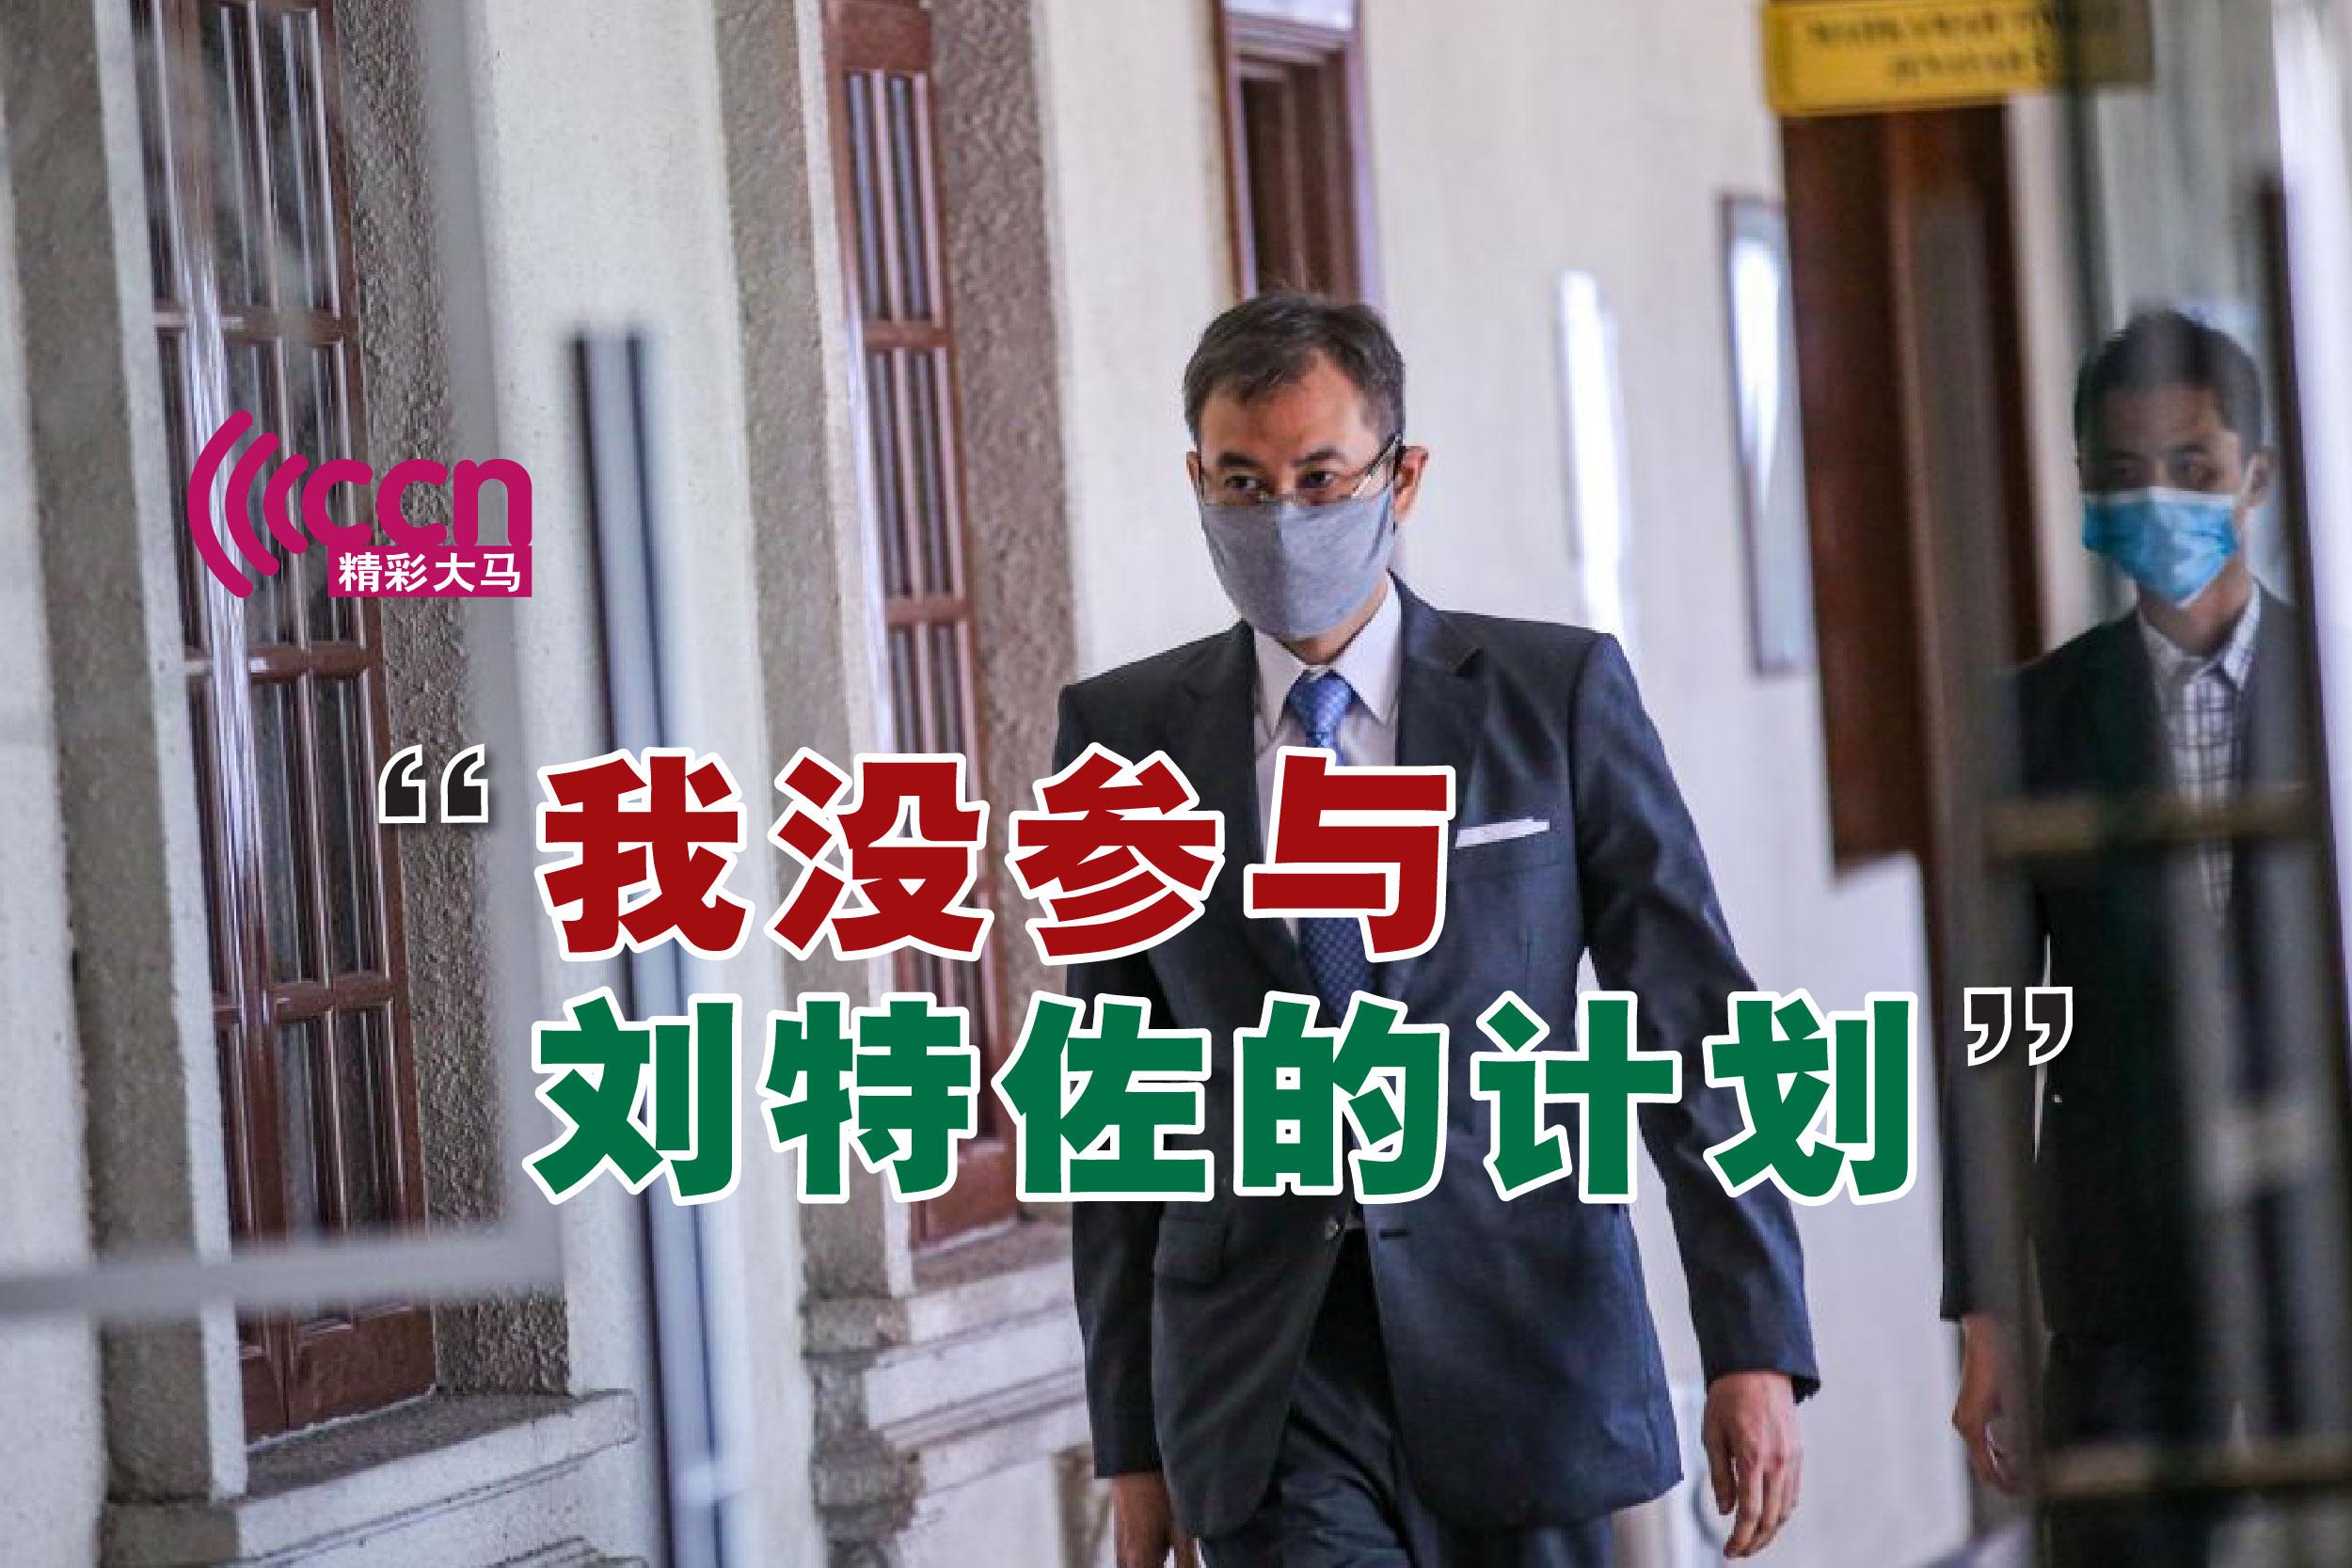 沙鲁阿兹拉坚称,他没参与刘特佐蒙骗1MDB董事局的计划,并指他当时也不知情。-Hari Anggara摄-